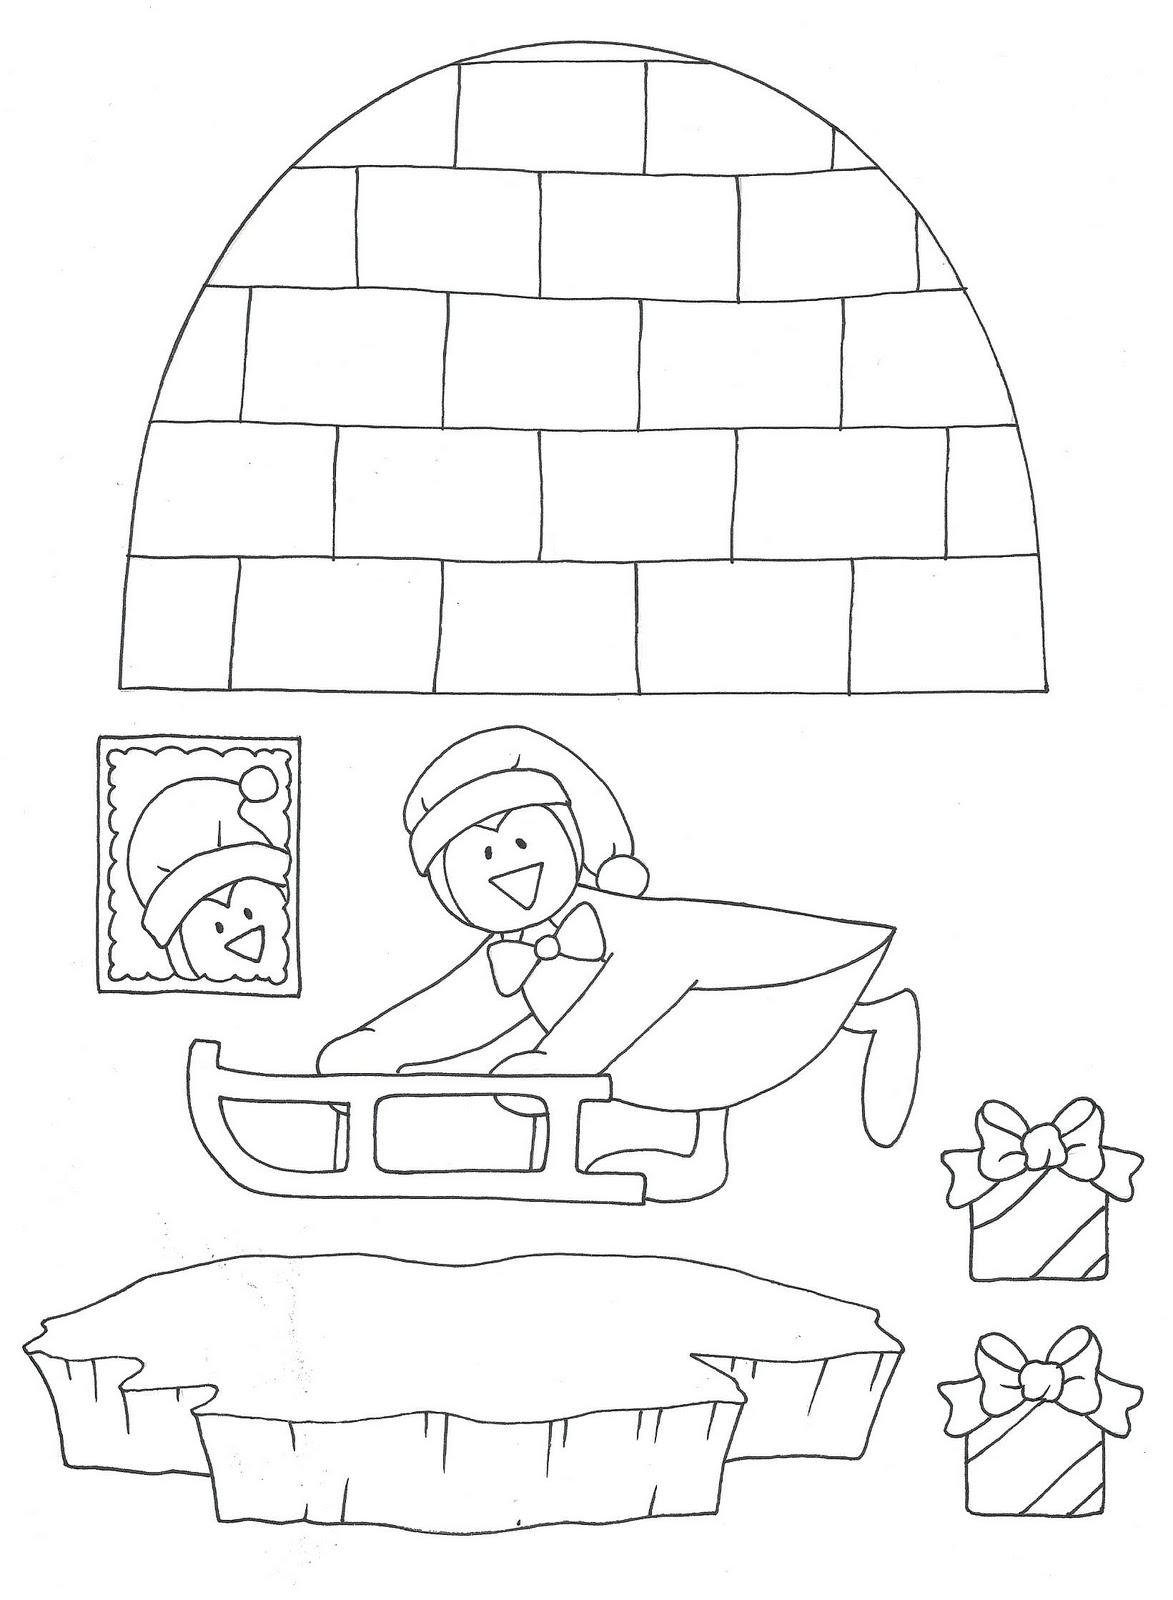 manumanie-kids: Biglietto di Natale...pop-up!